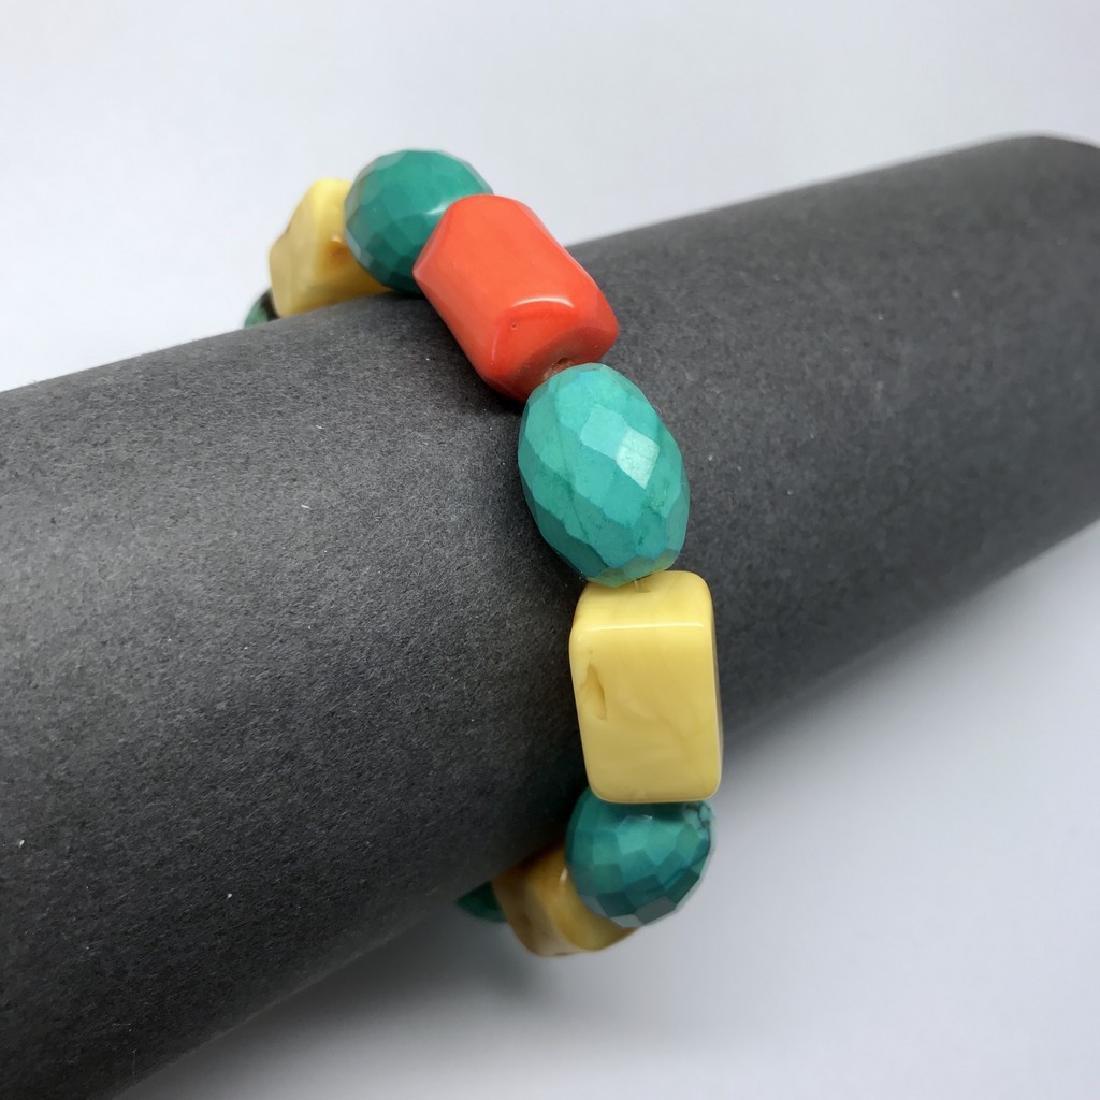 Vintage Baltic amber, turquoise & coral bracelet, 46 gr - 5